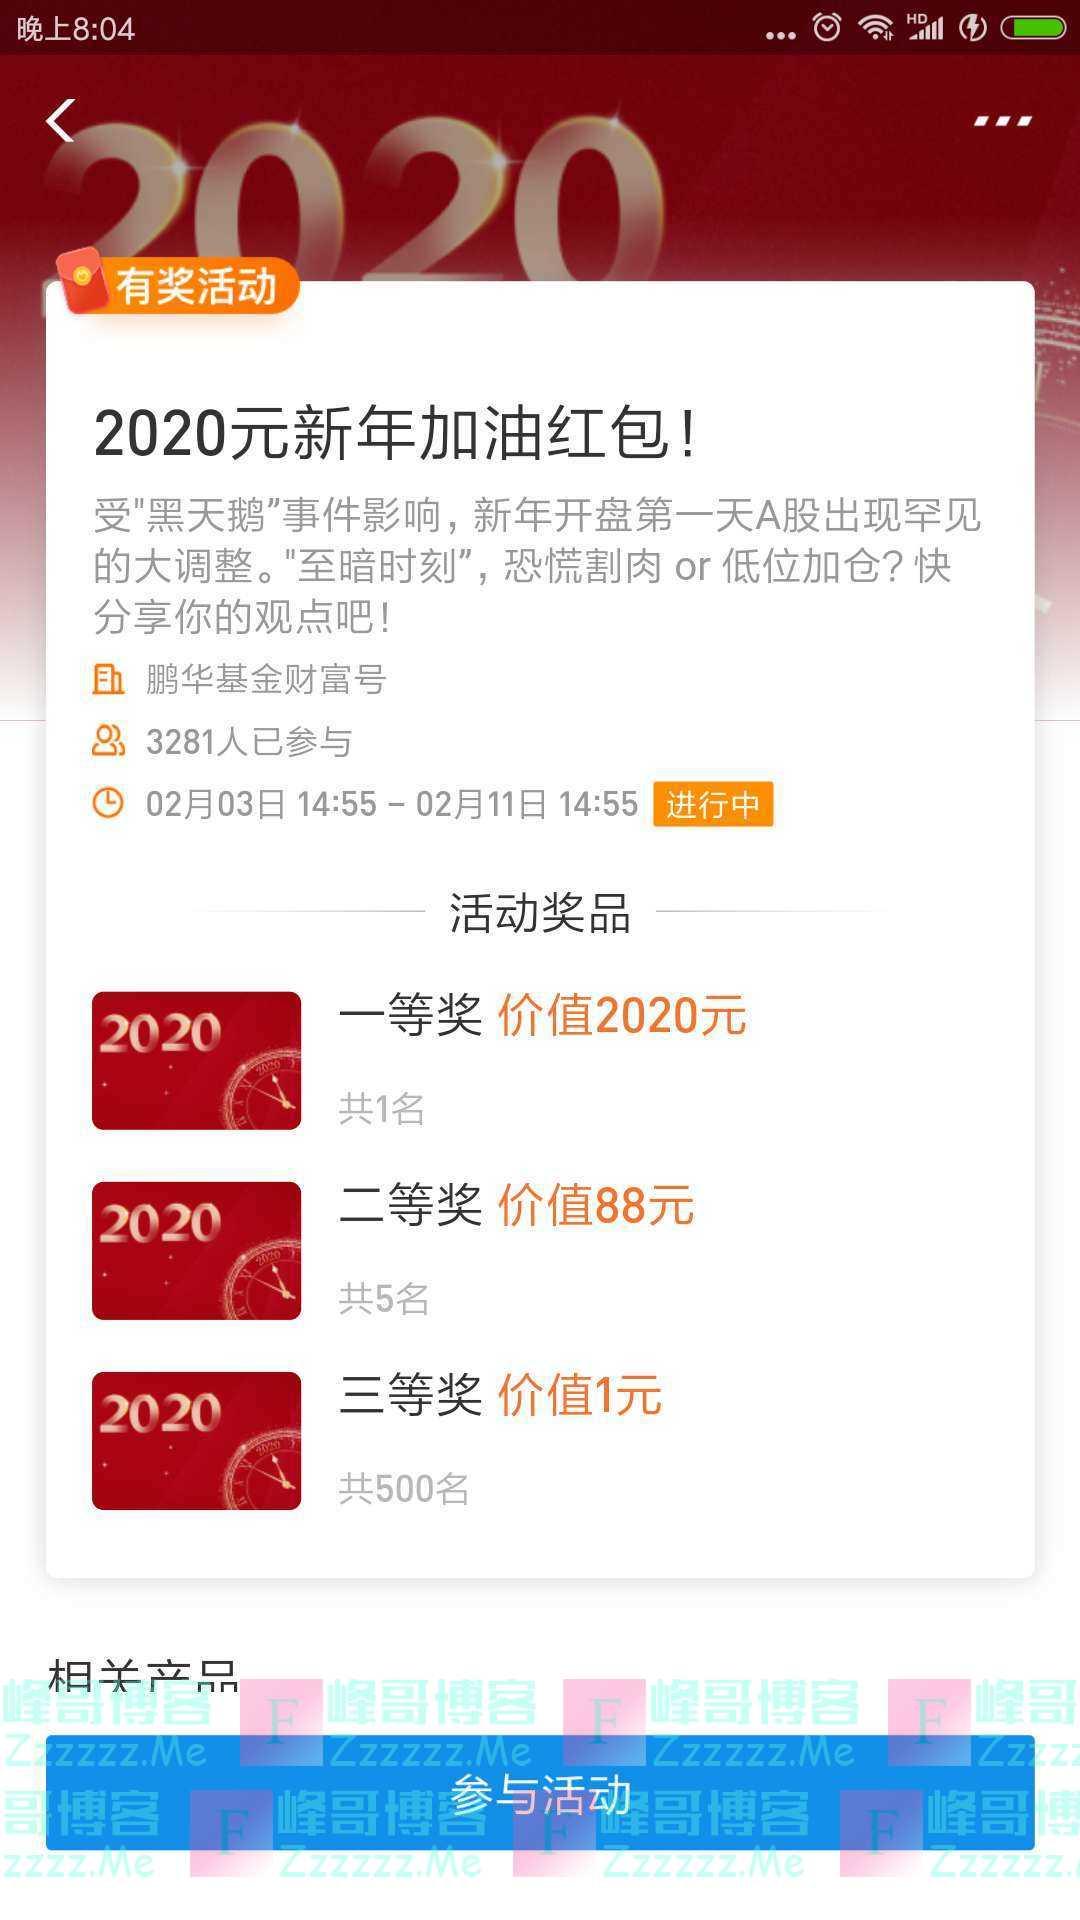 鹏华基金2020元新年加油红包(截止2月11日)